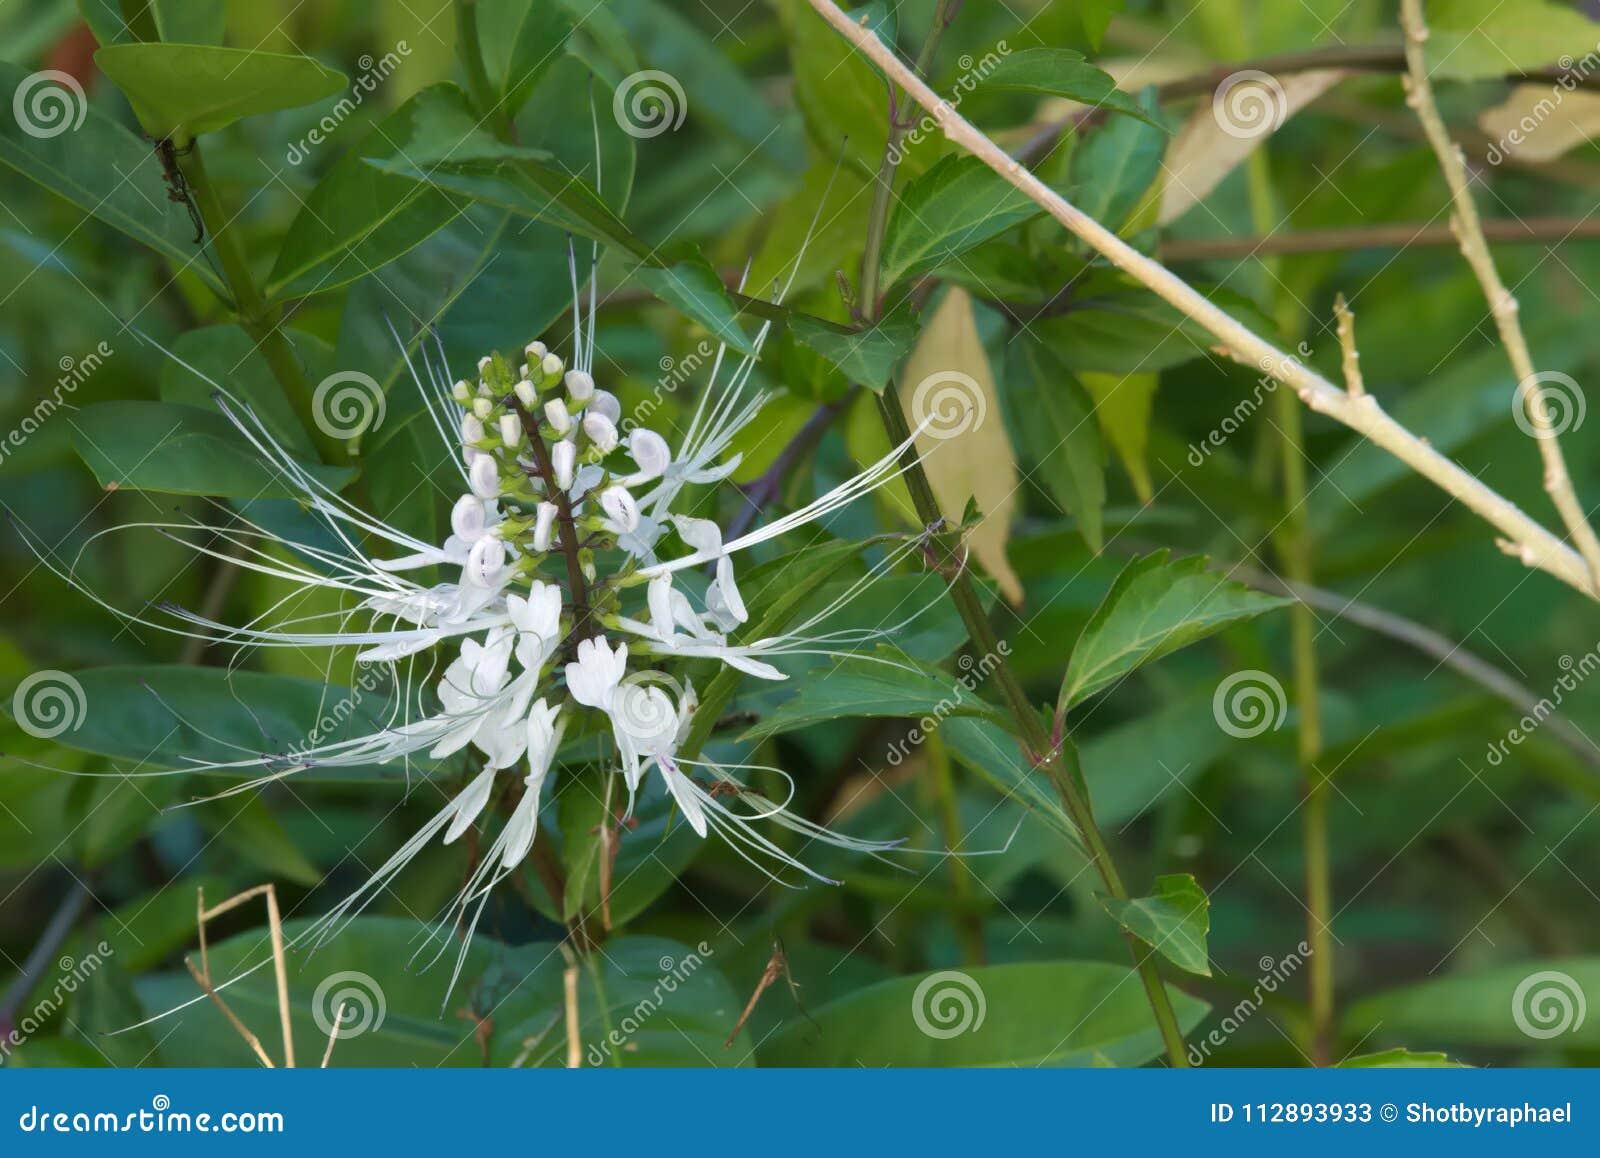 Ongebruikelijke, mooie, witte bloem met purpere uiteinden, in een weelderige Thaise tuin